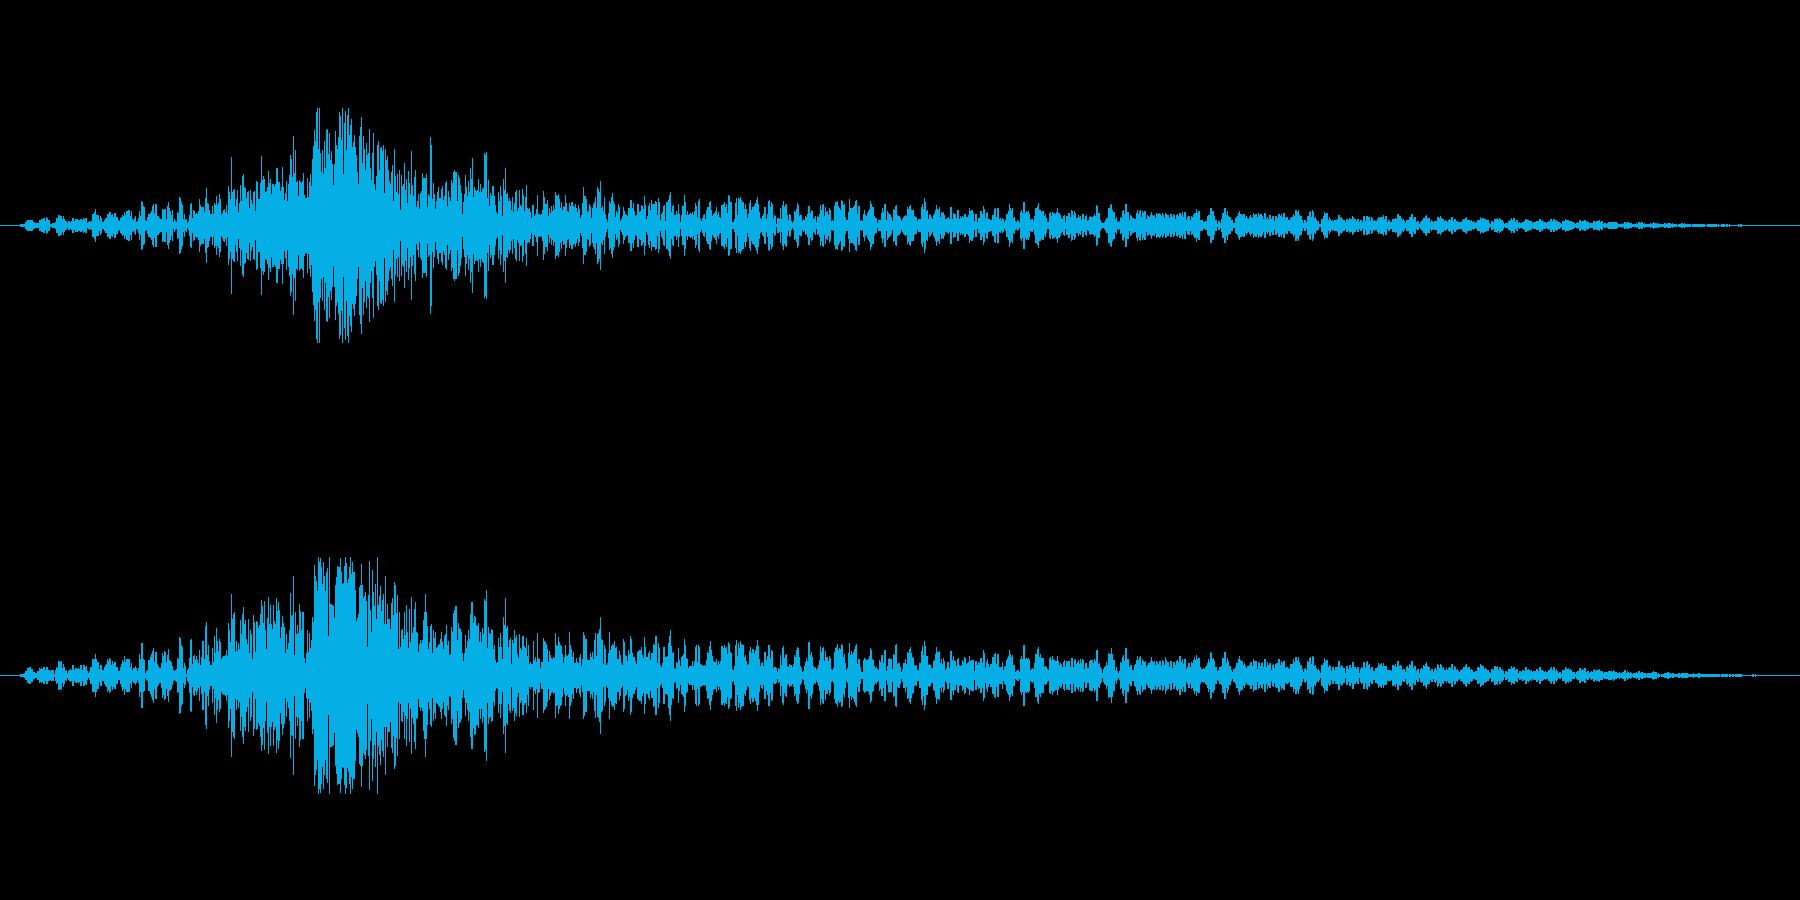 ティンパニーで「ドゥルドゥルドカン」の再生済みの波形